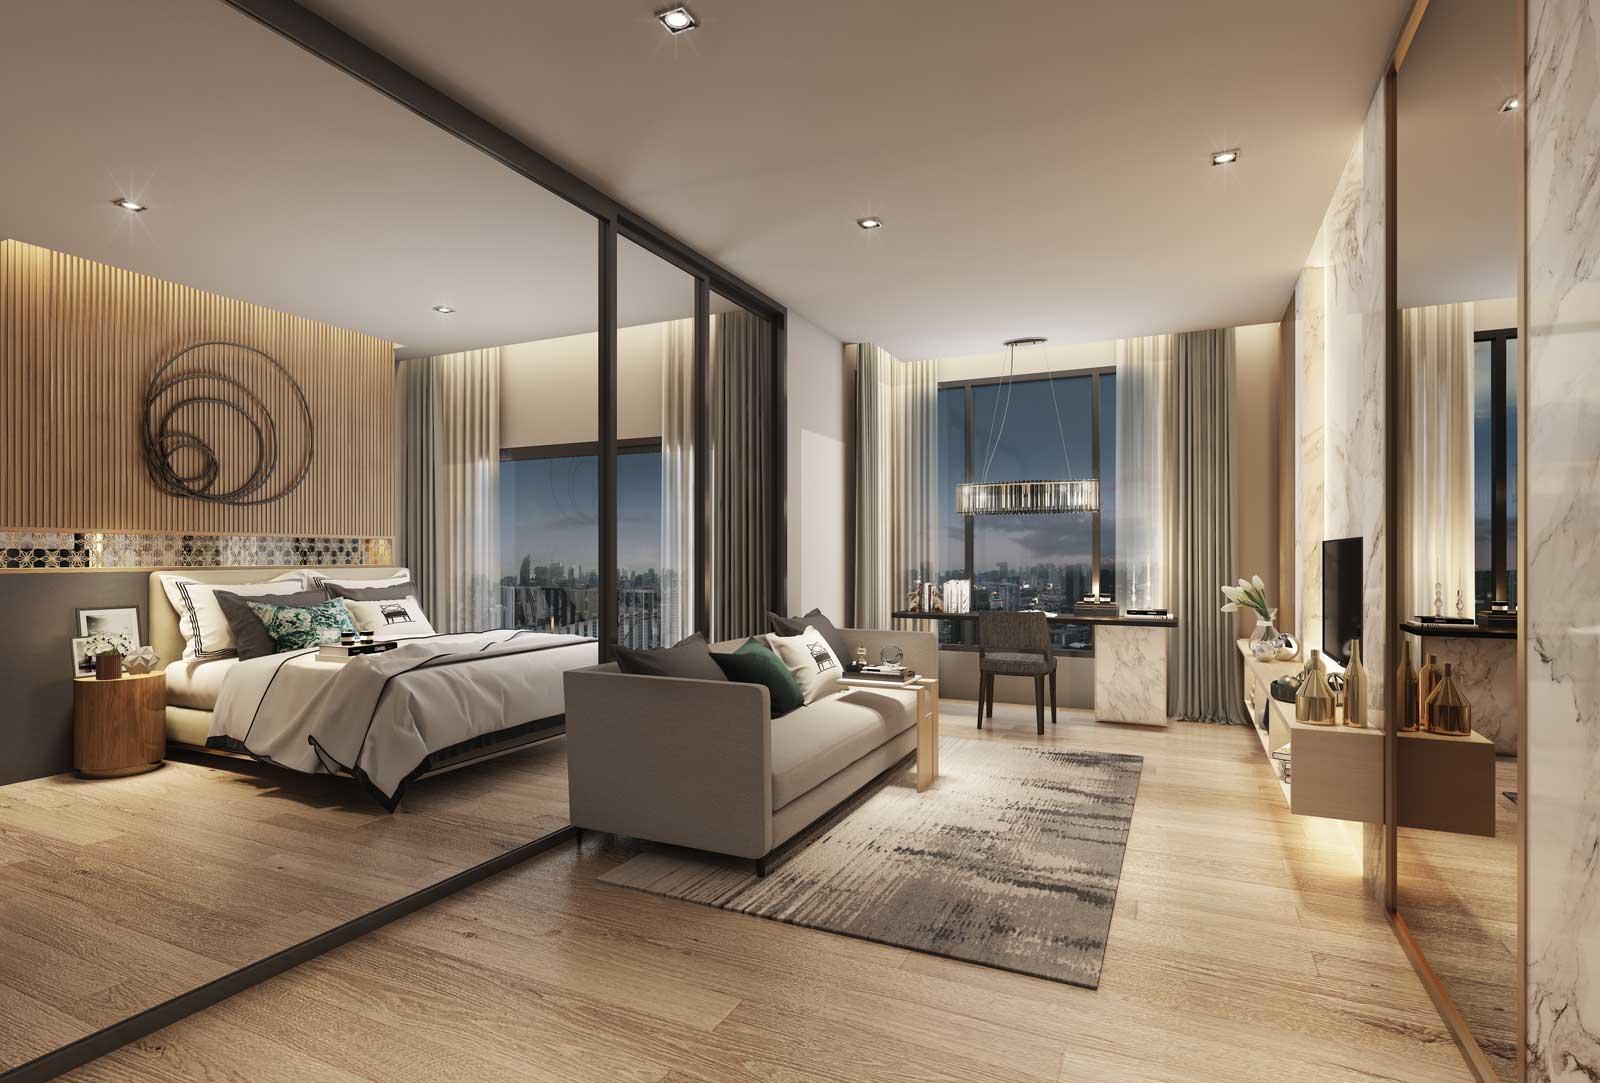 Type 1 Bedroom (34.9sq.m)